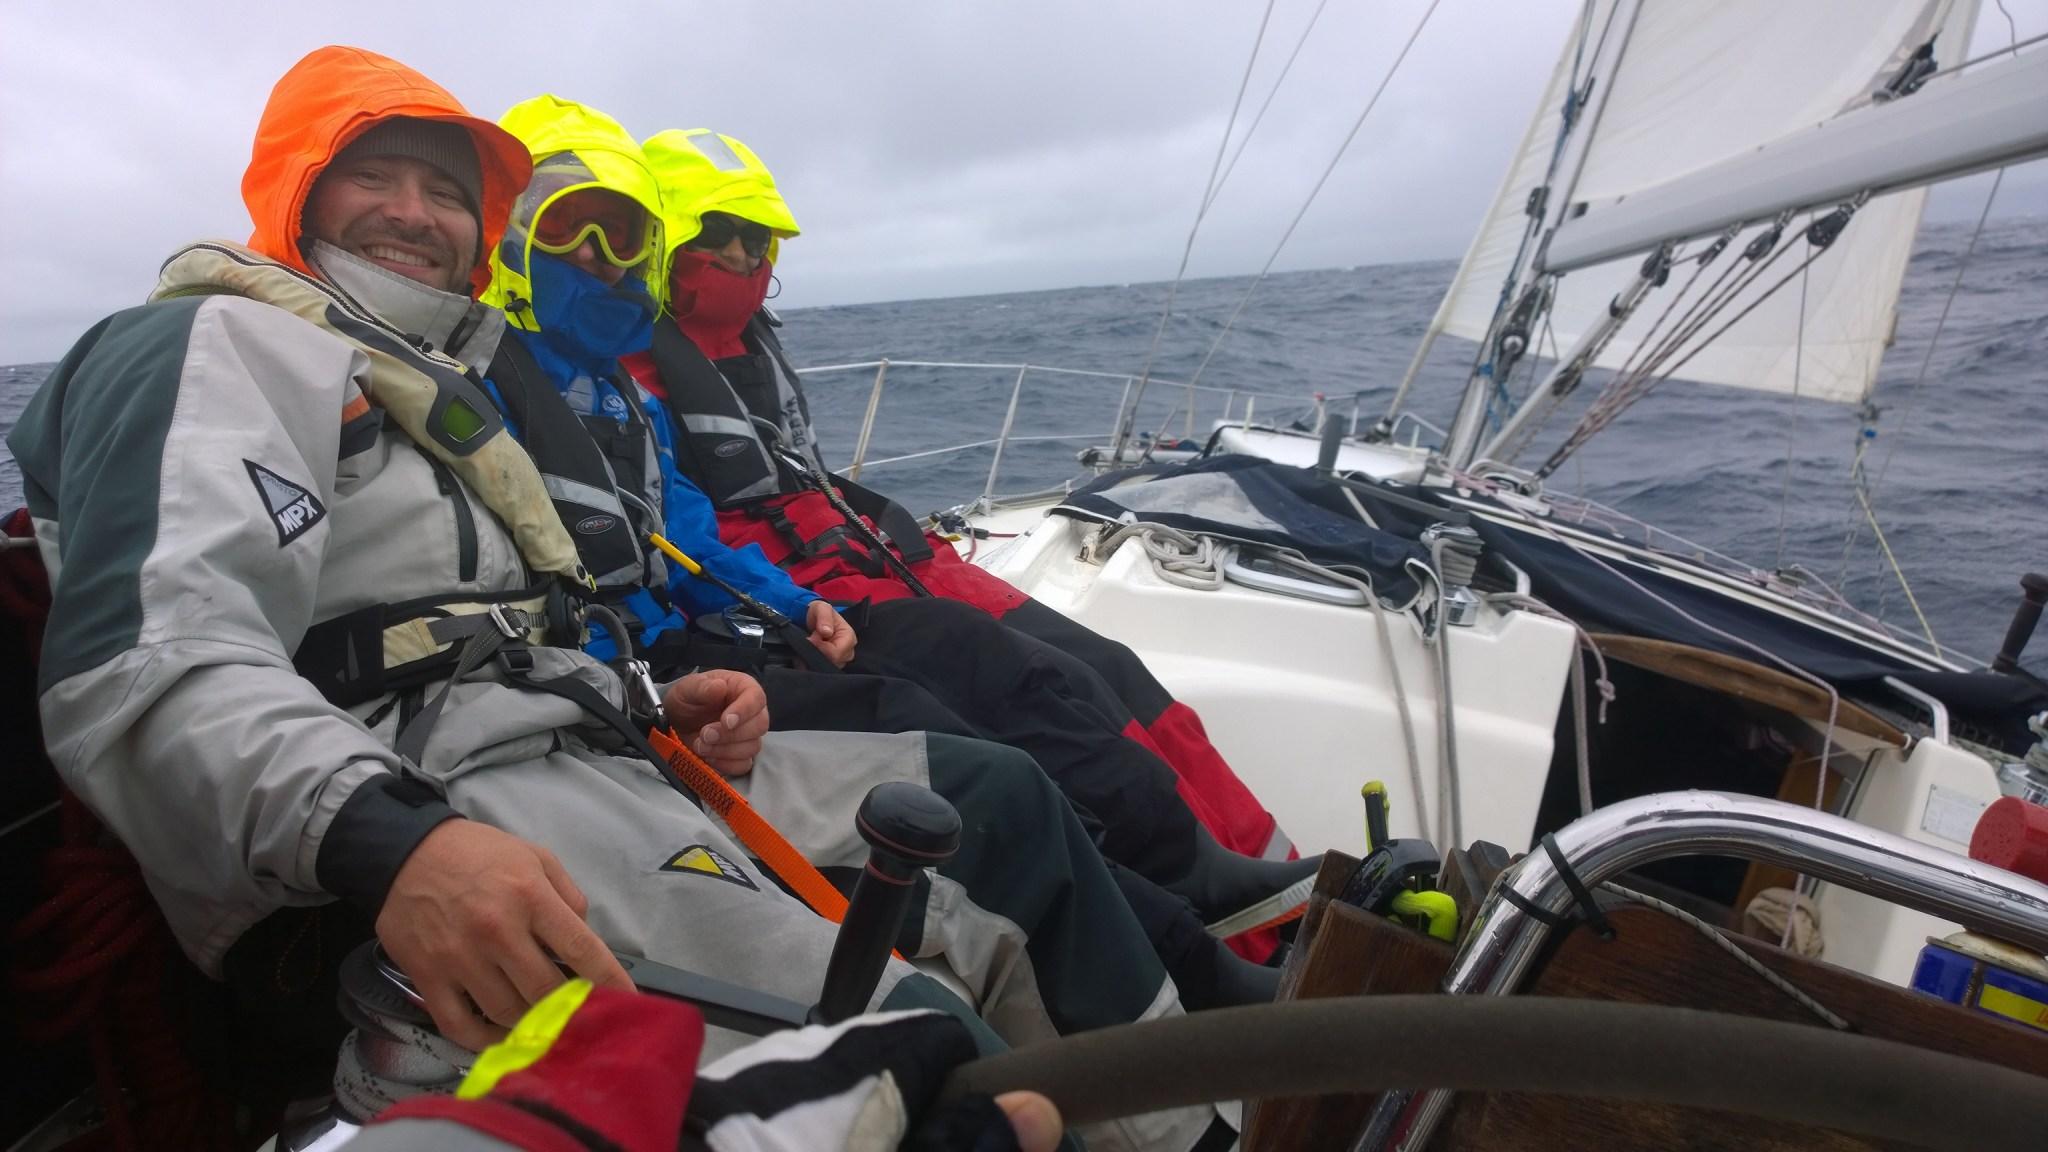 Jaakko ajaa ja Heikki, Nina ja minä hengataan. Kryssipätkä oli ainoa, jossa pelastautumispuvut oli käytössä. Jokaisella miehistön jäsenellä oli pelastautumispuku, joko normaali tai välikerrospuku.